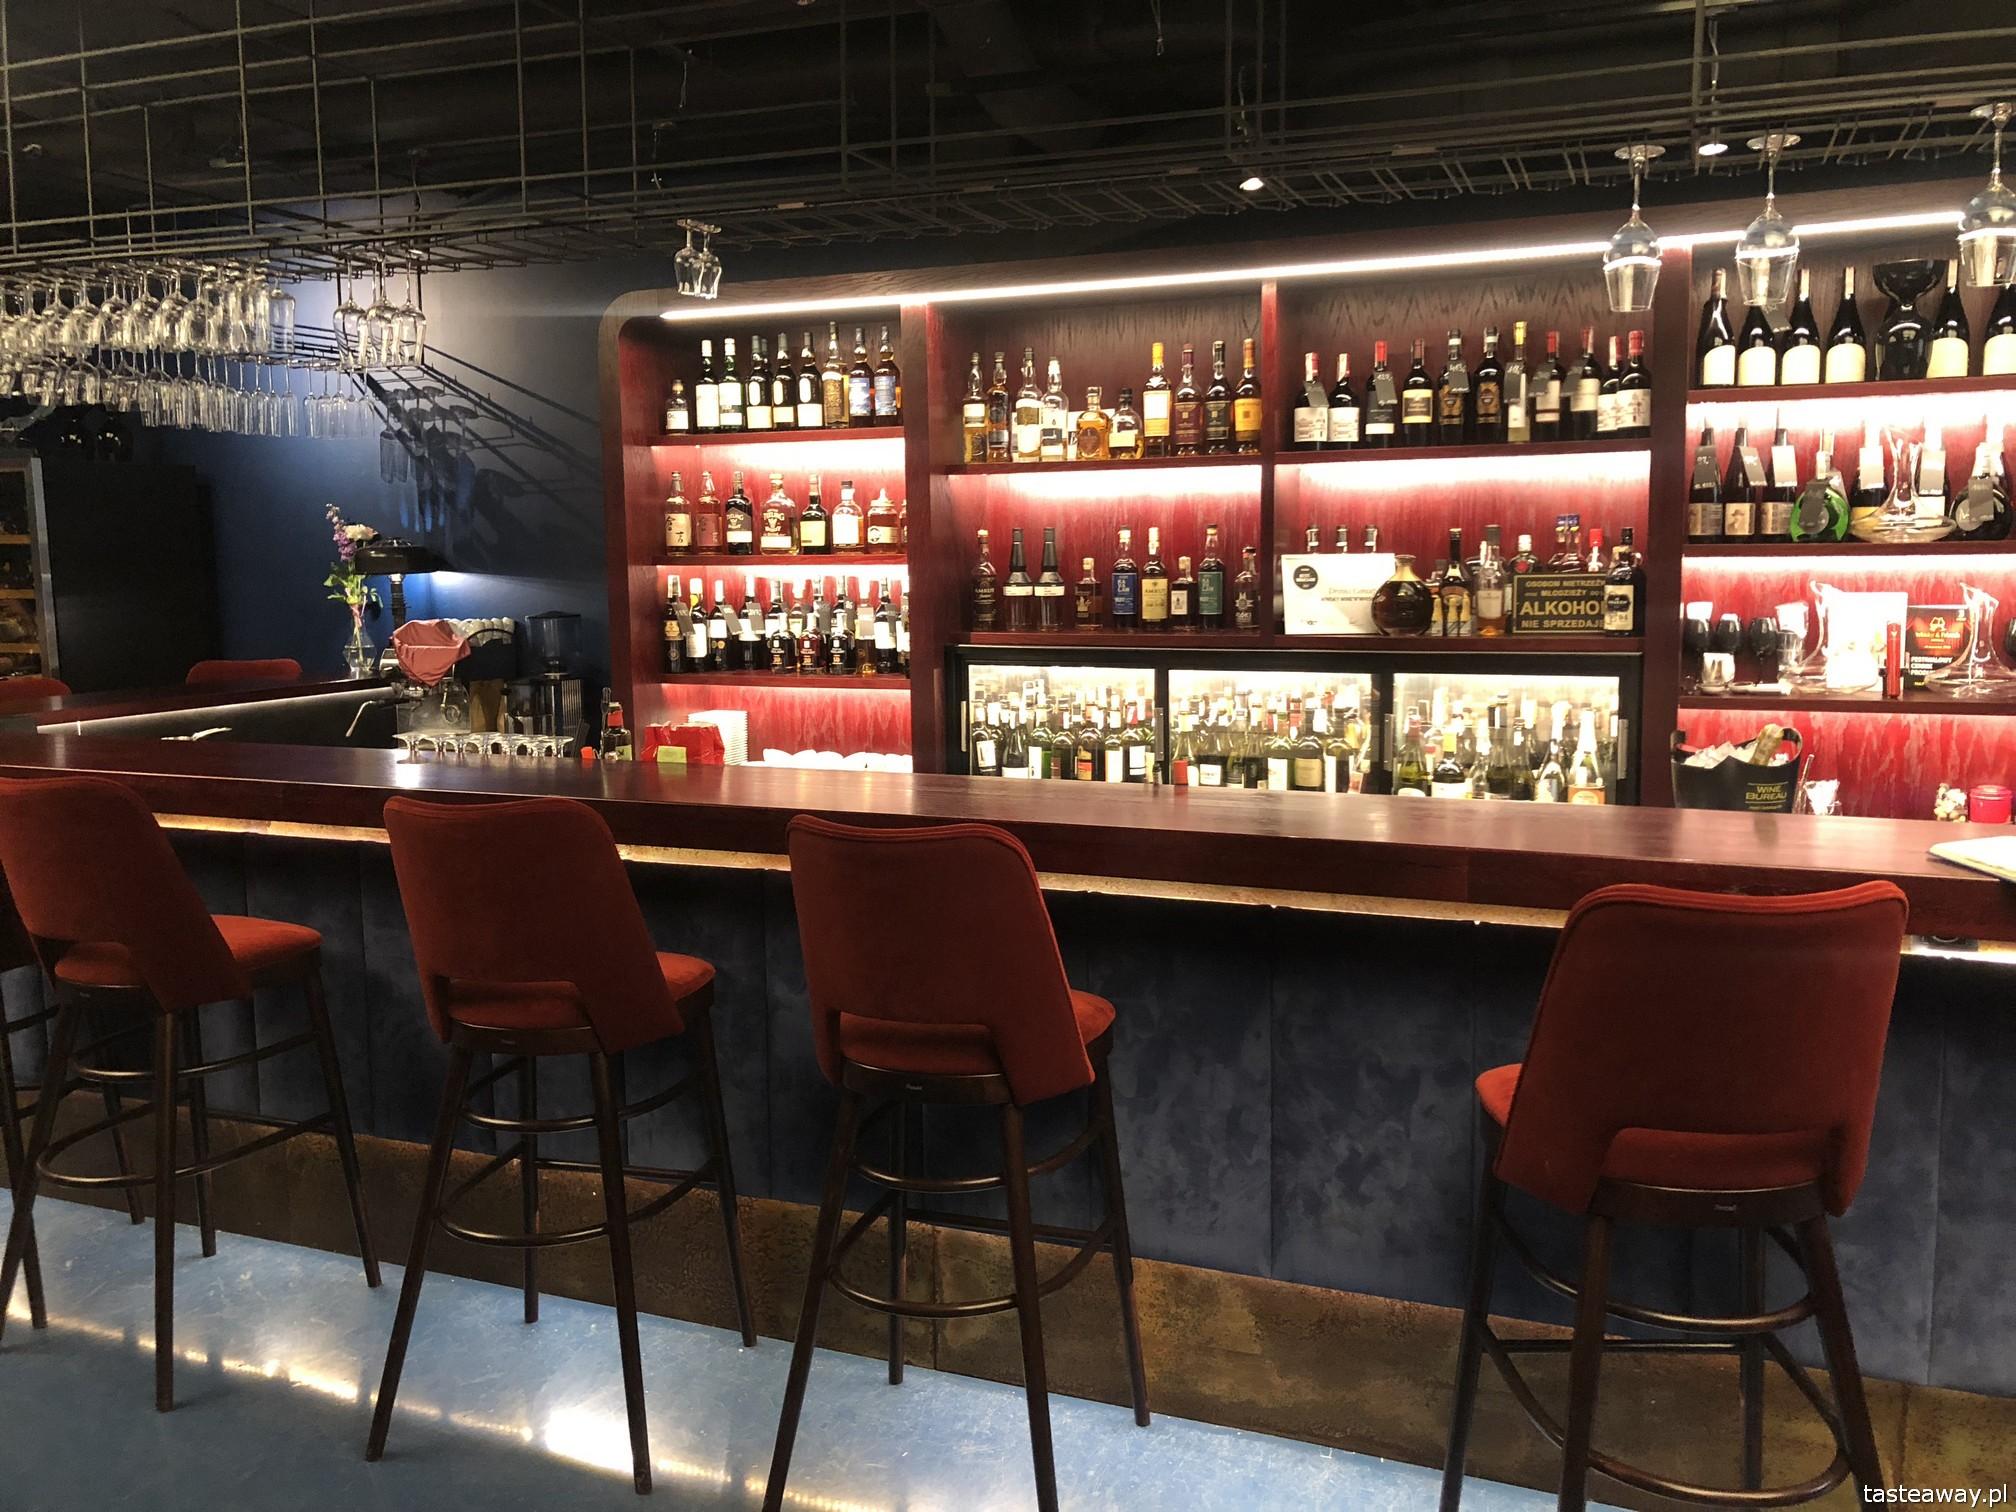 Winsky, Winsky Wine'n'Whisky Bar, nad wisłą, gdzie jeść nad Wisłą, tapas, małe formy, talerzyki, WINSKY